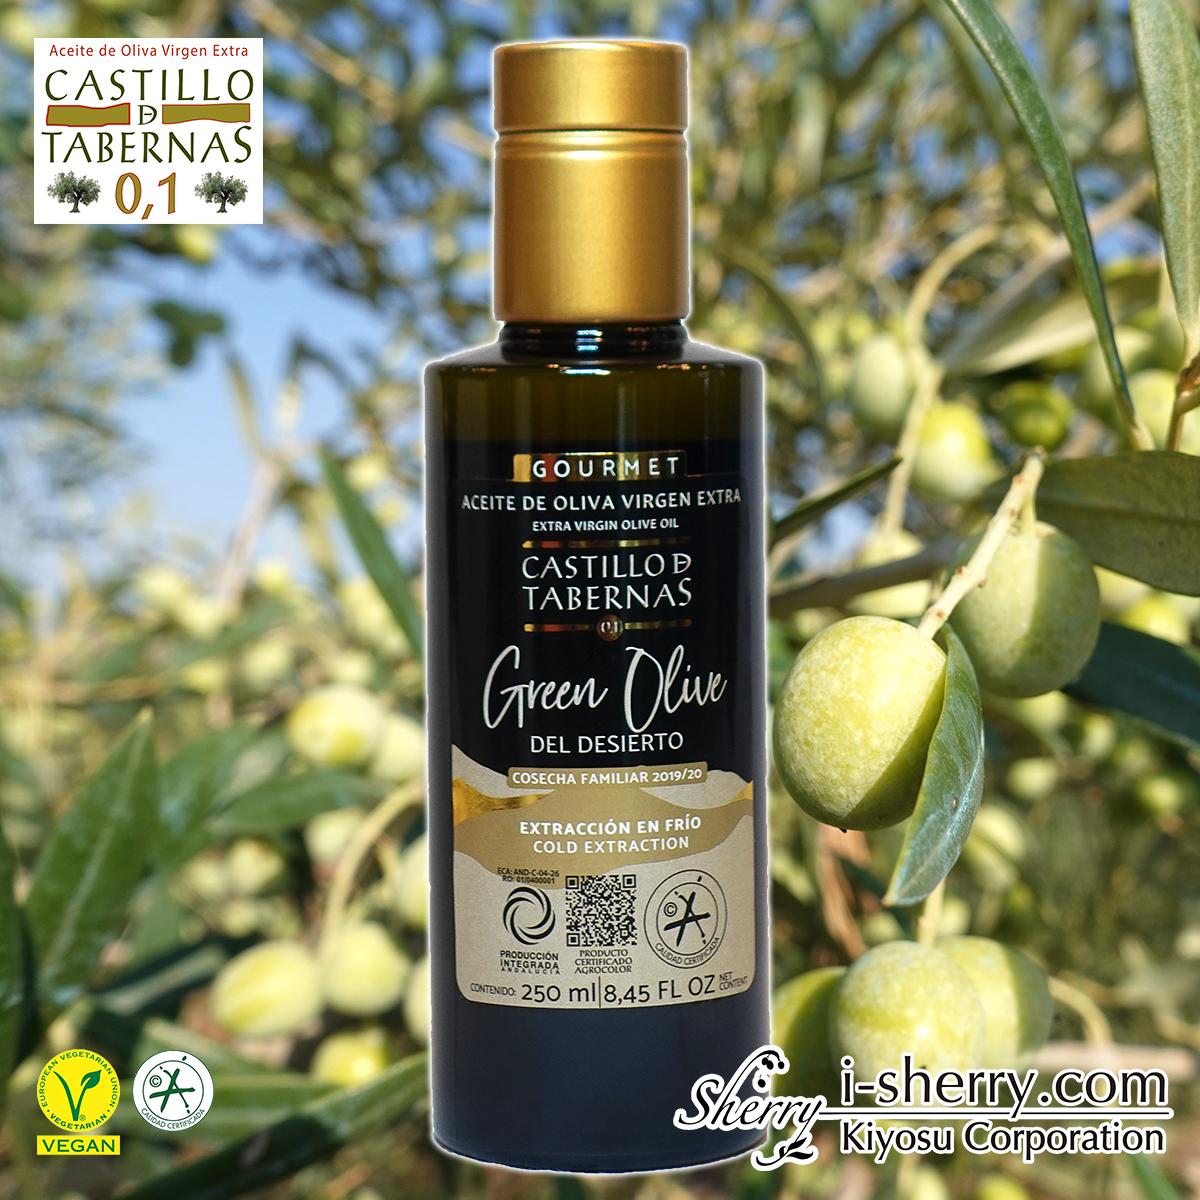 カスティージョ・デ・タベルナス0.1 グリーンオリーブ 250ml 酸度0.1 エクストラバージンオリーブオイル